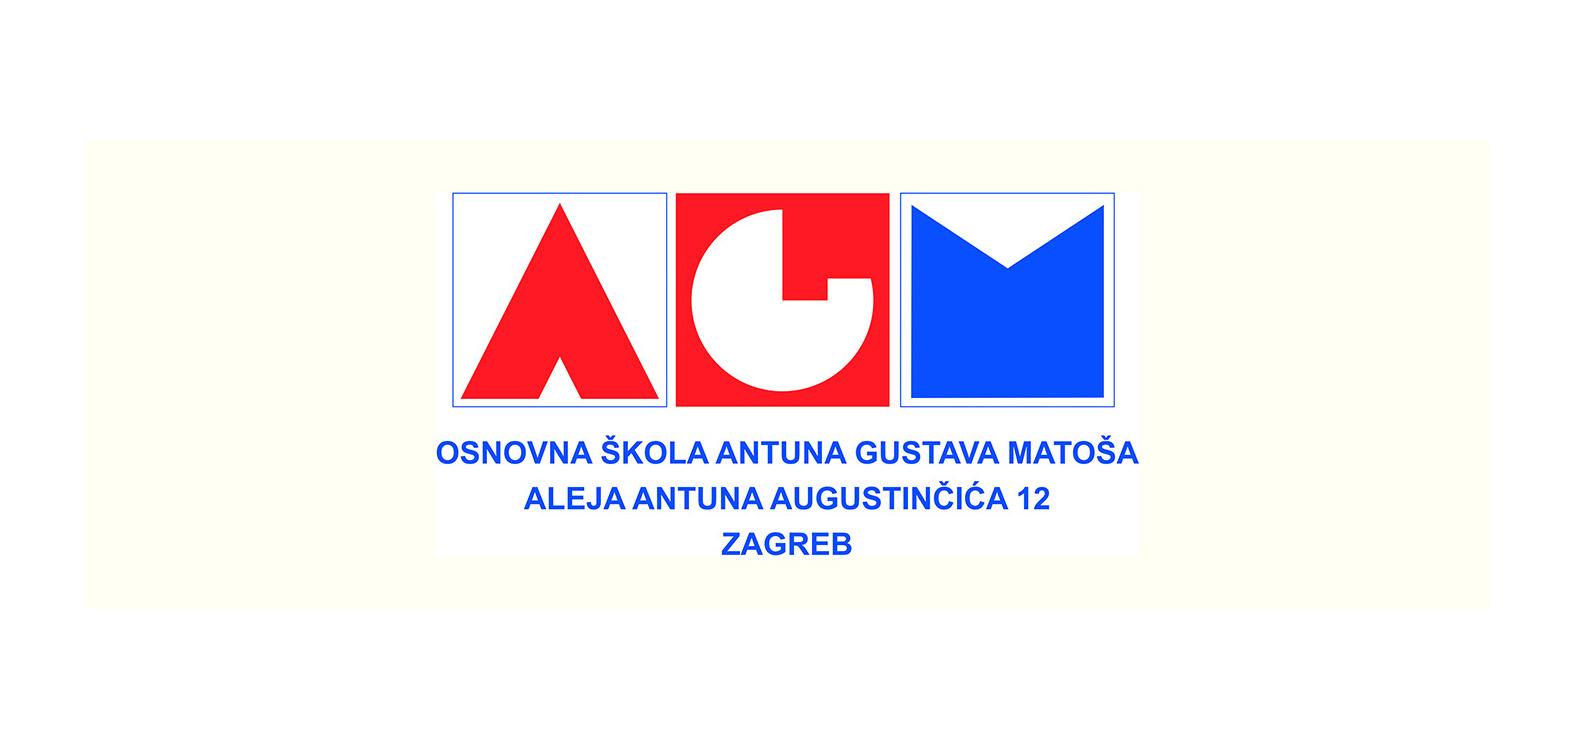 LOGO_AGM tekst ispod